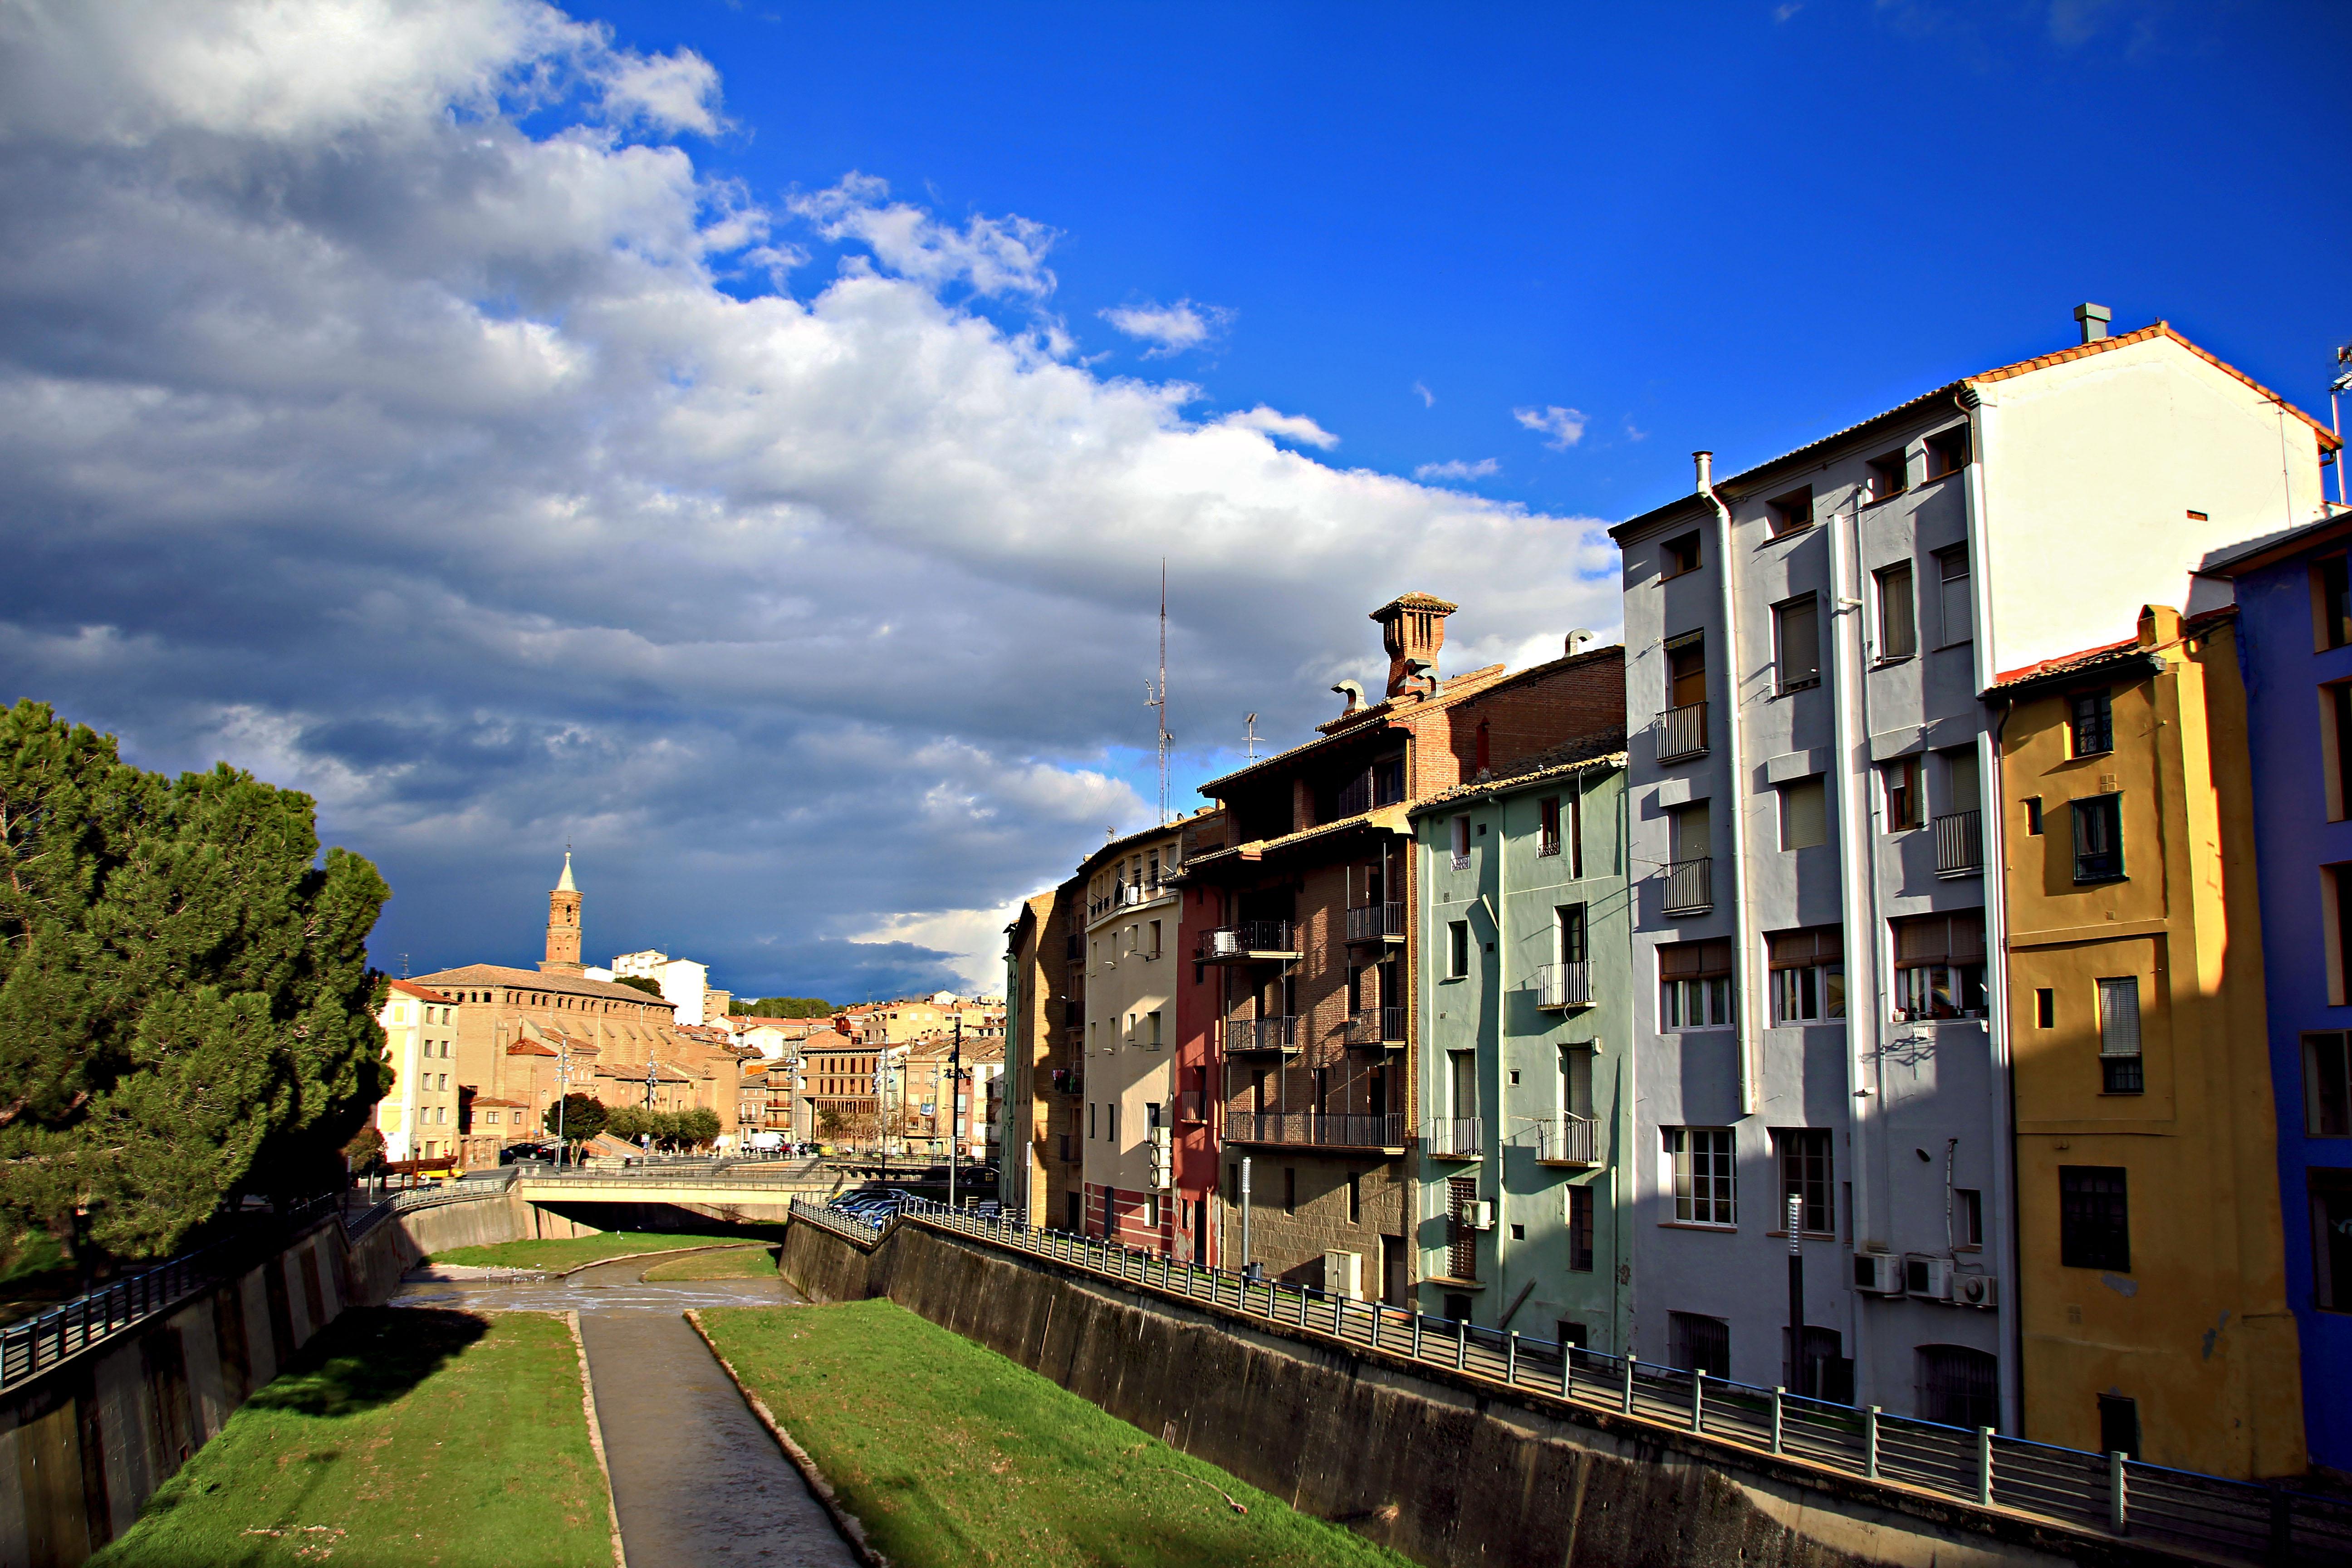 Fond d 39 cran paysage lumi res ville rue architecture - Eau arquitectura ...